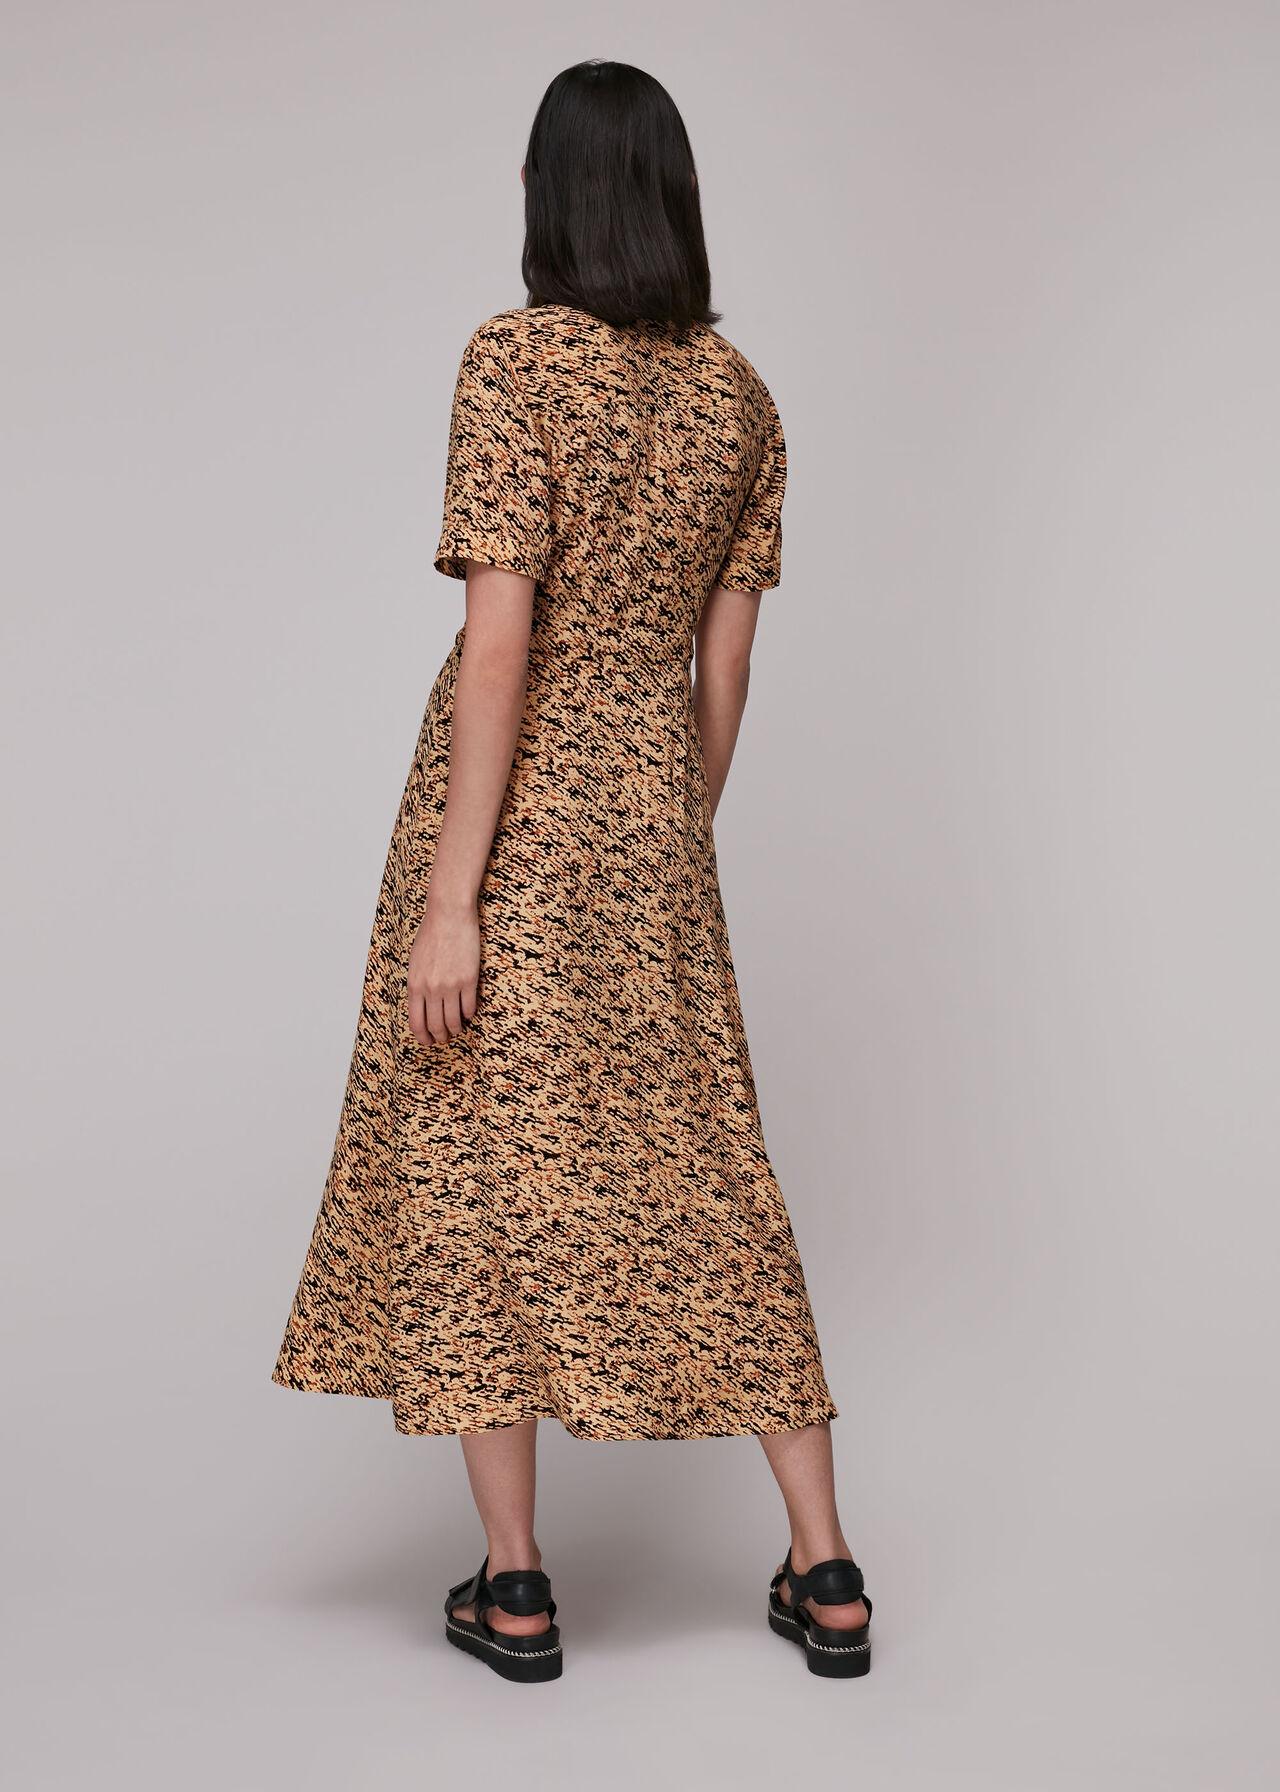 Bark Print Shirt Dress